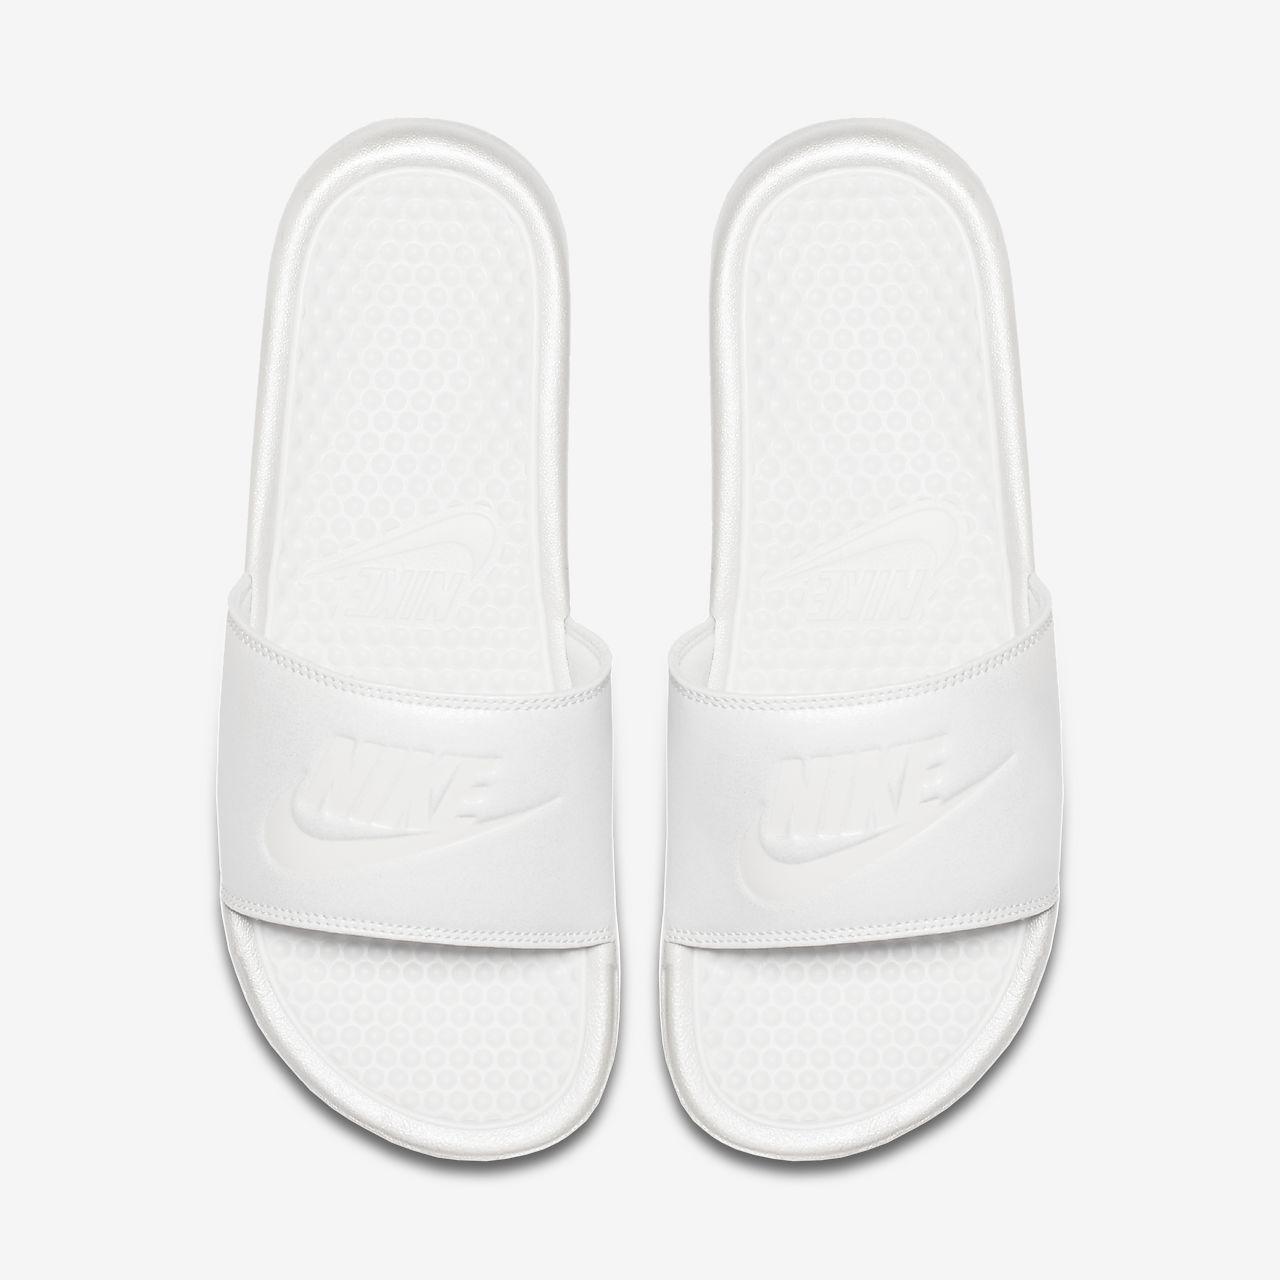 b96a67c6c51b Nike Benassi Metallic QS Women s Slide. Nike.com NO